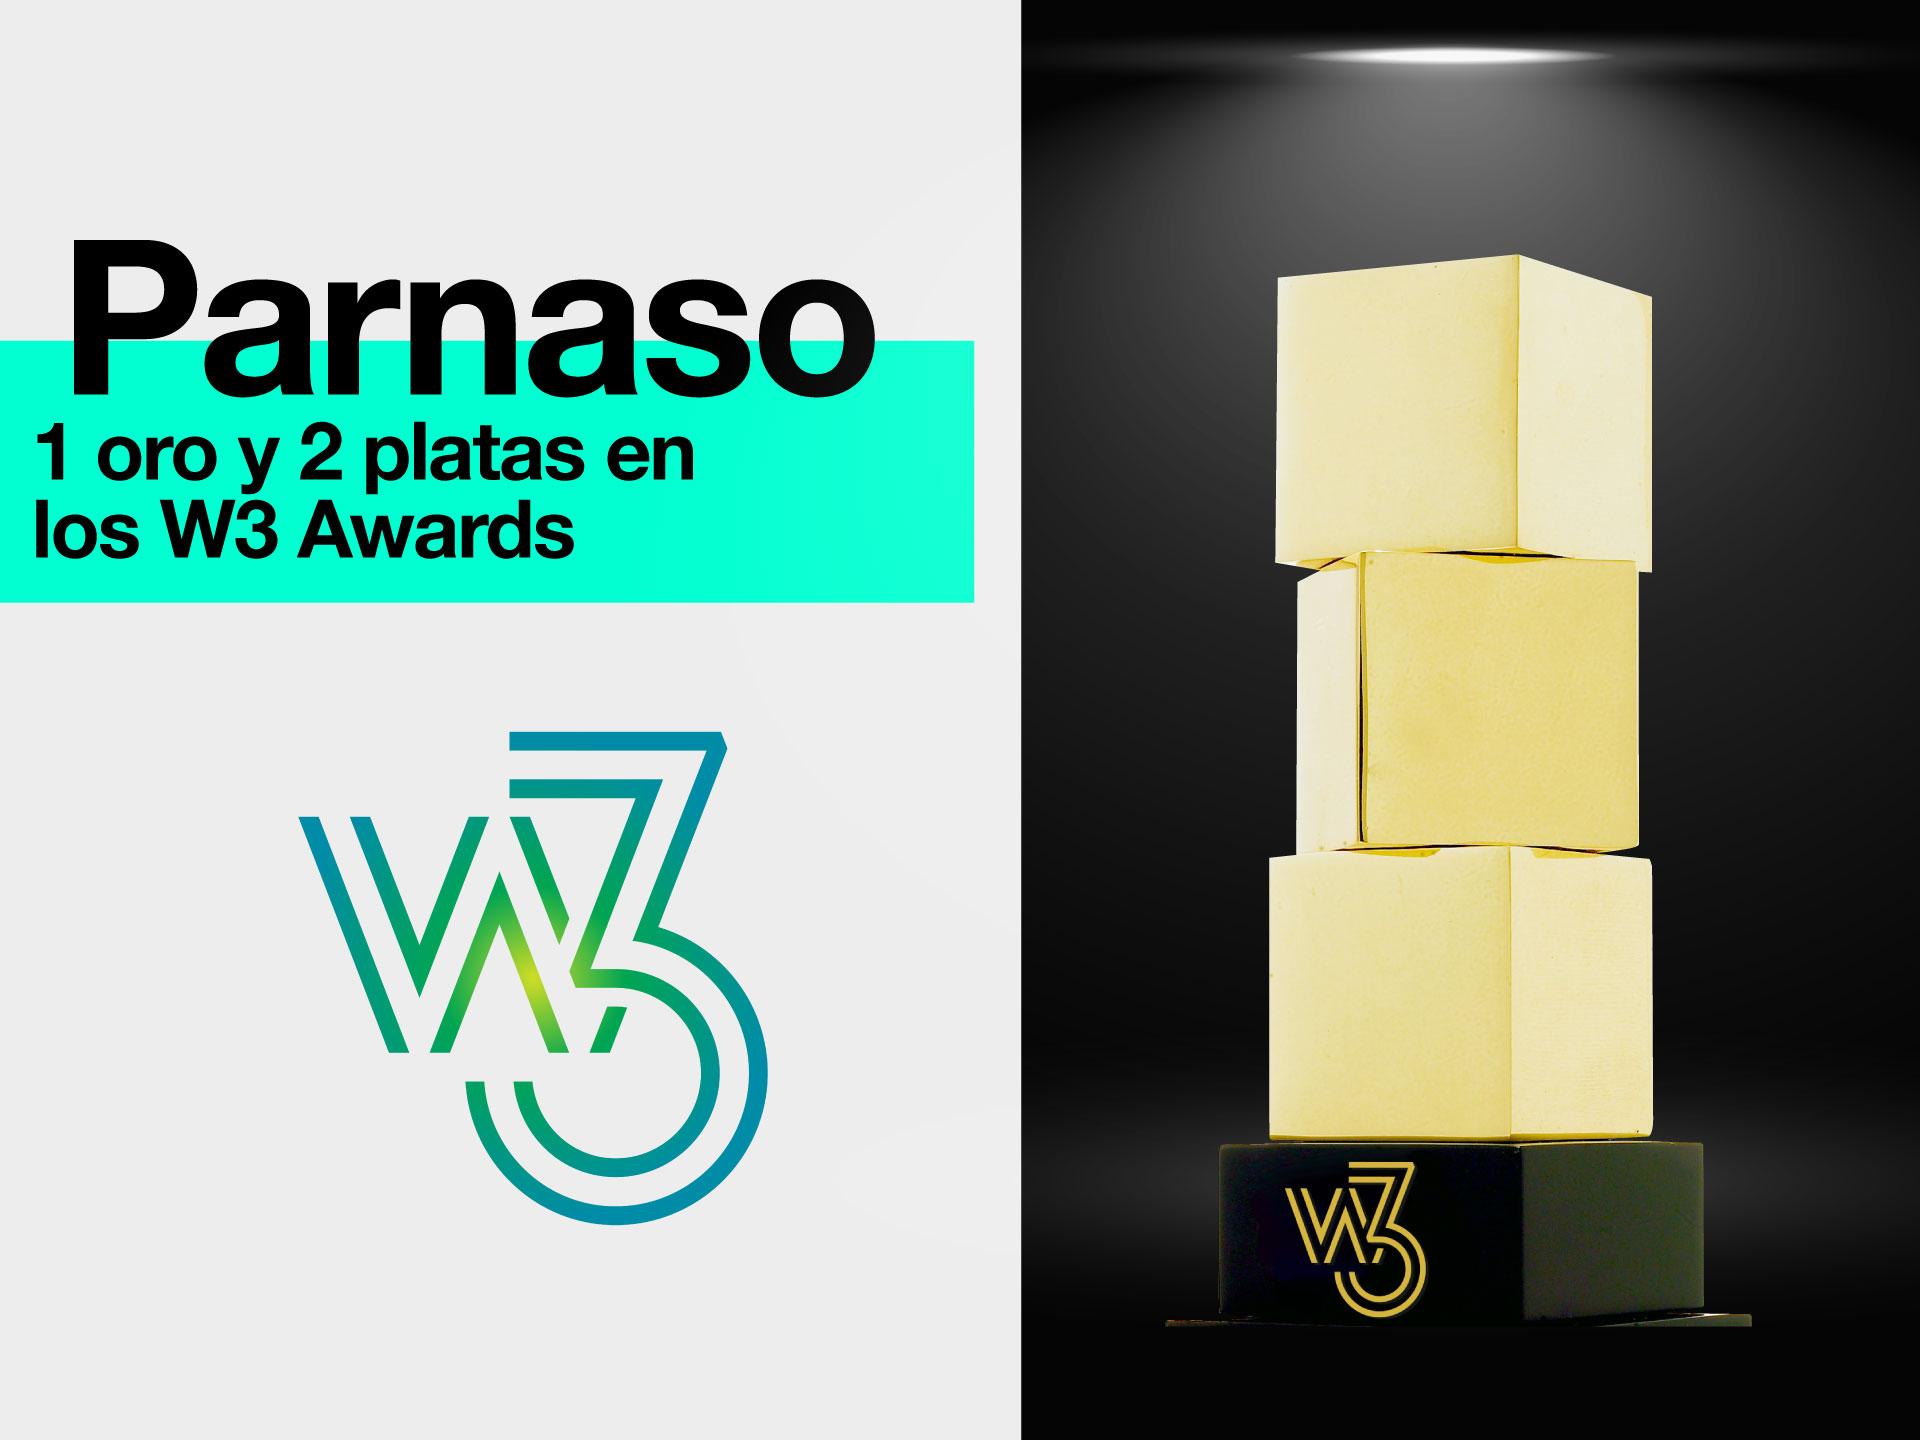 Parnaso logra 1 oro y 2 platas en 16º edición de los W3 Awards - Parnaso